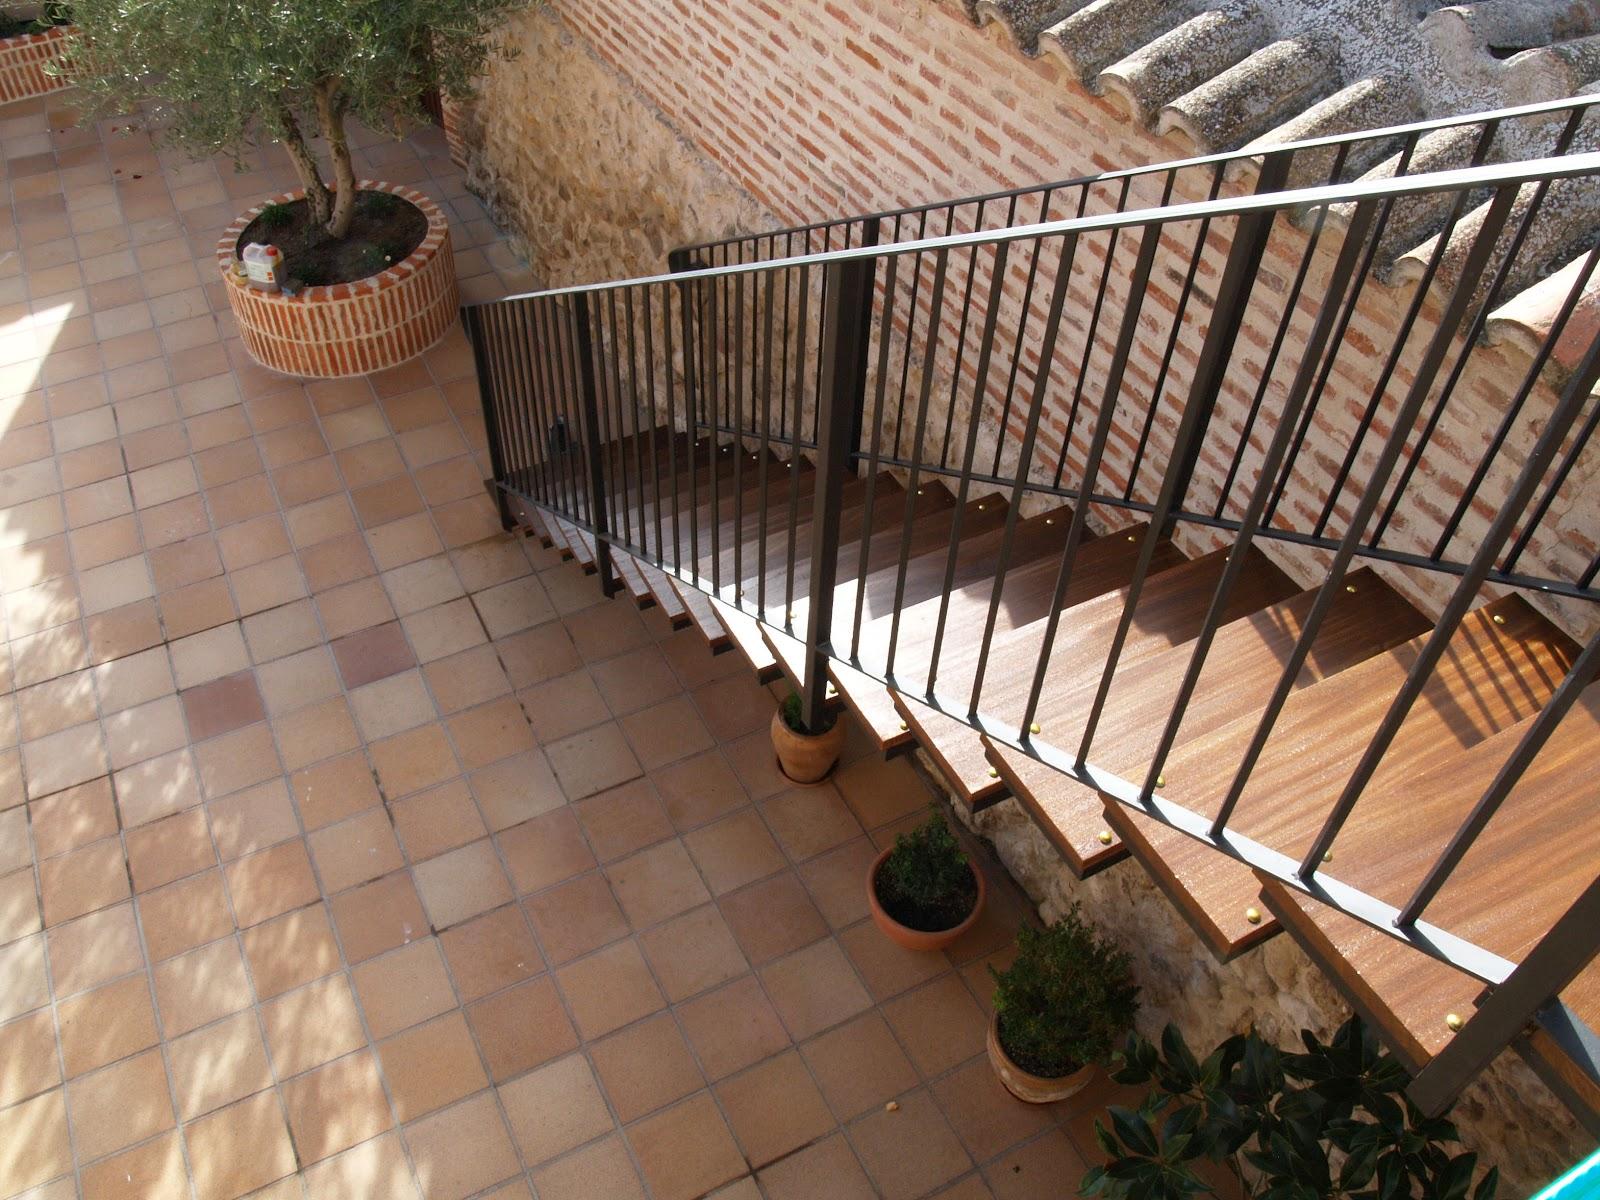 Trabajos lmb escalera exterior - Escaleras para exterior ...